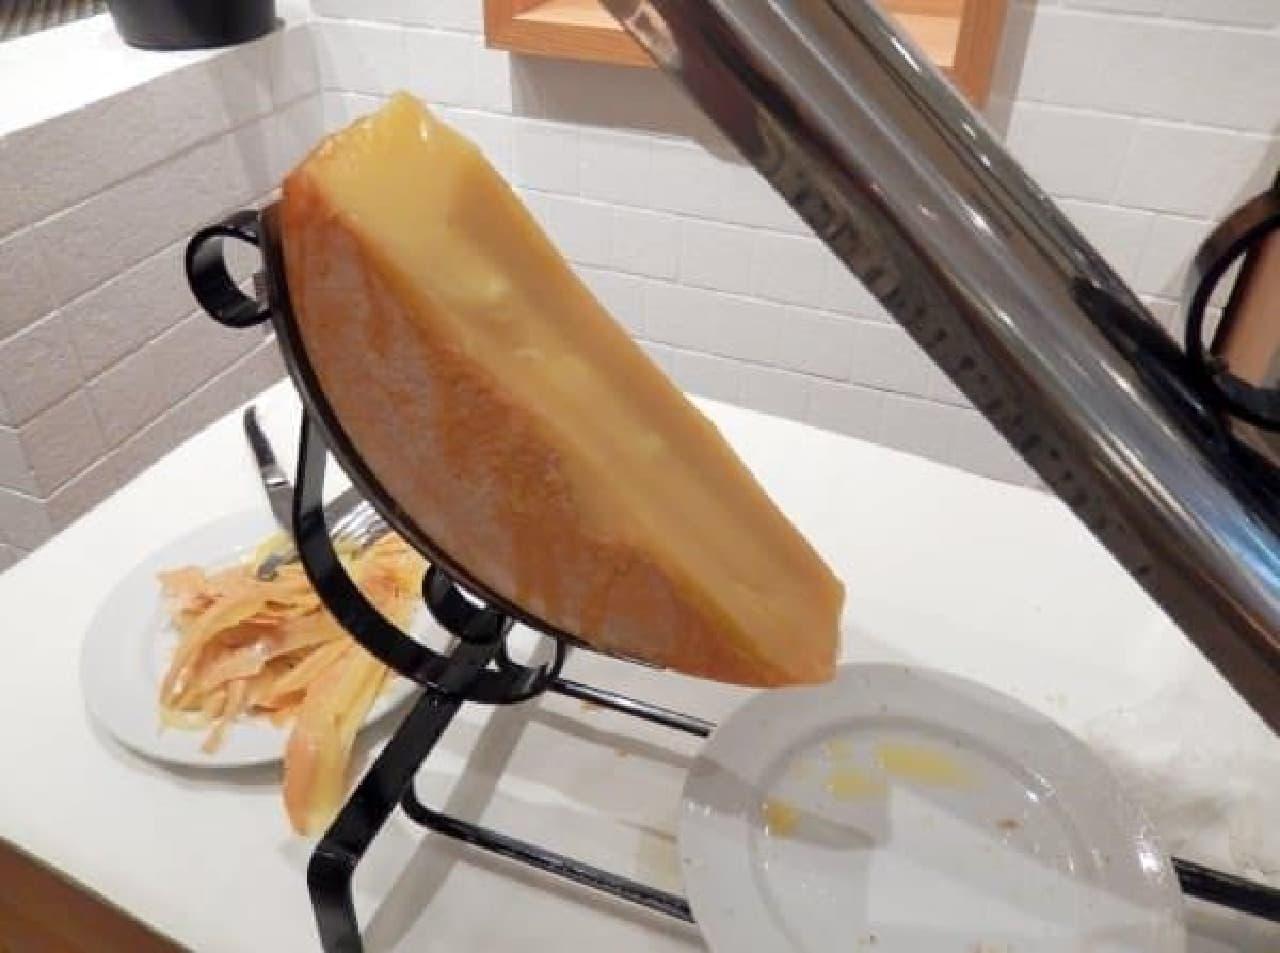 ラクレットチーズ。絶対美味しいやつやん…